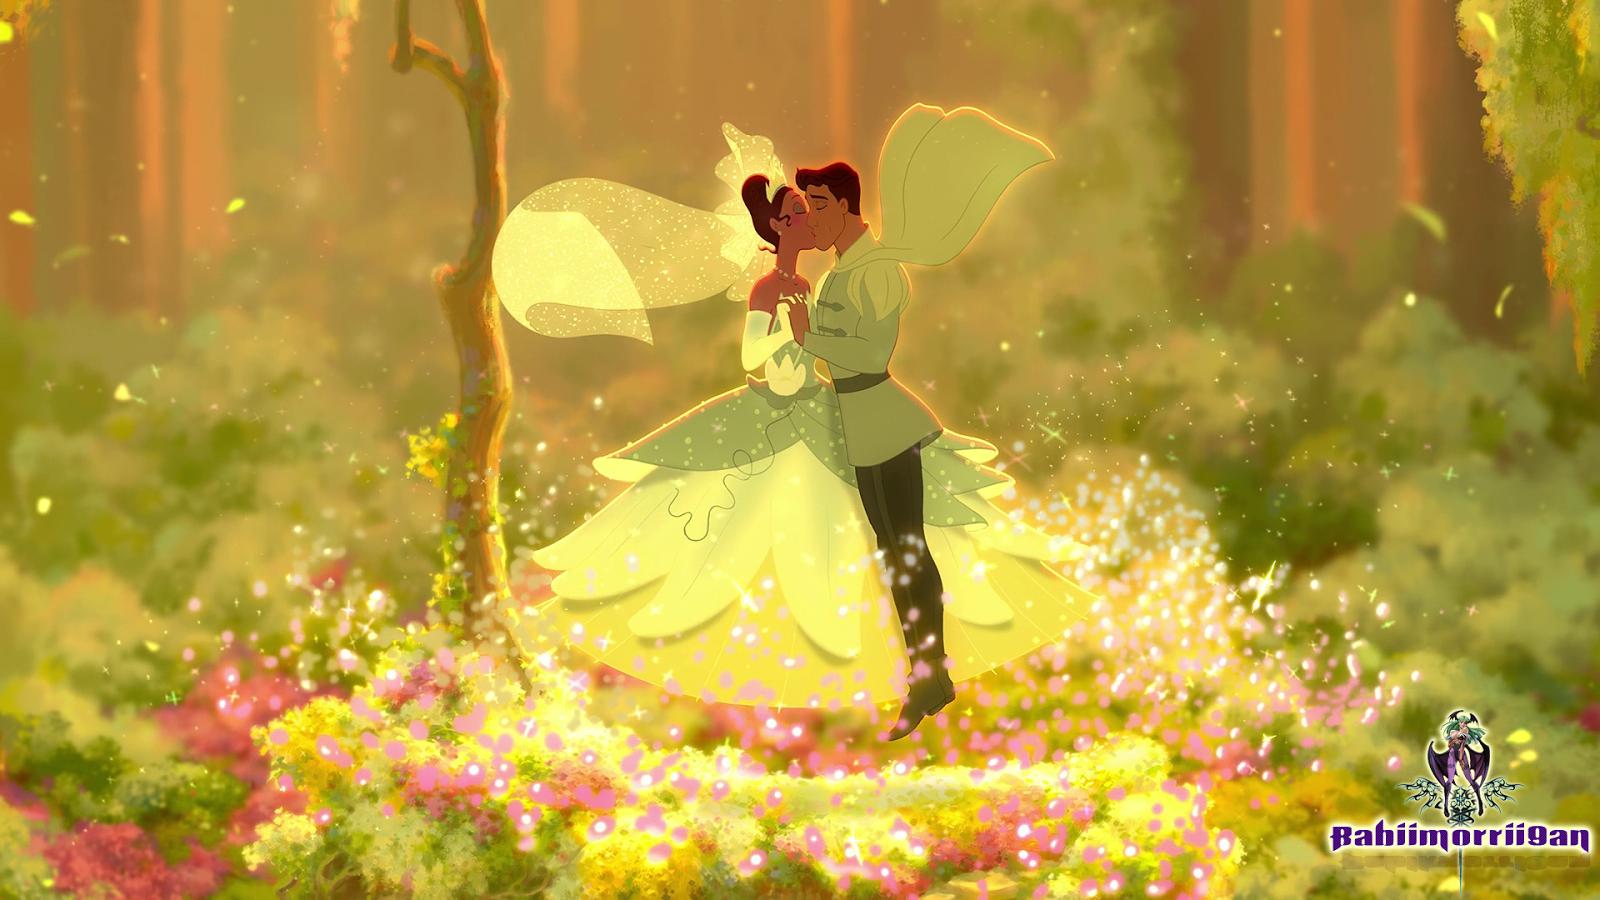 La princesa y el sapo wallpaper imagui - Sapos y princesas valencia ...